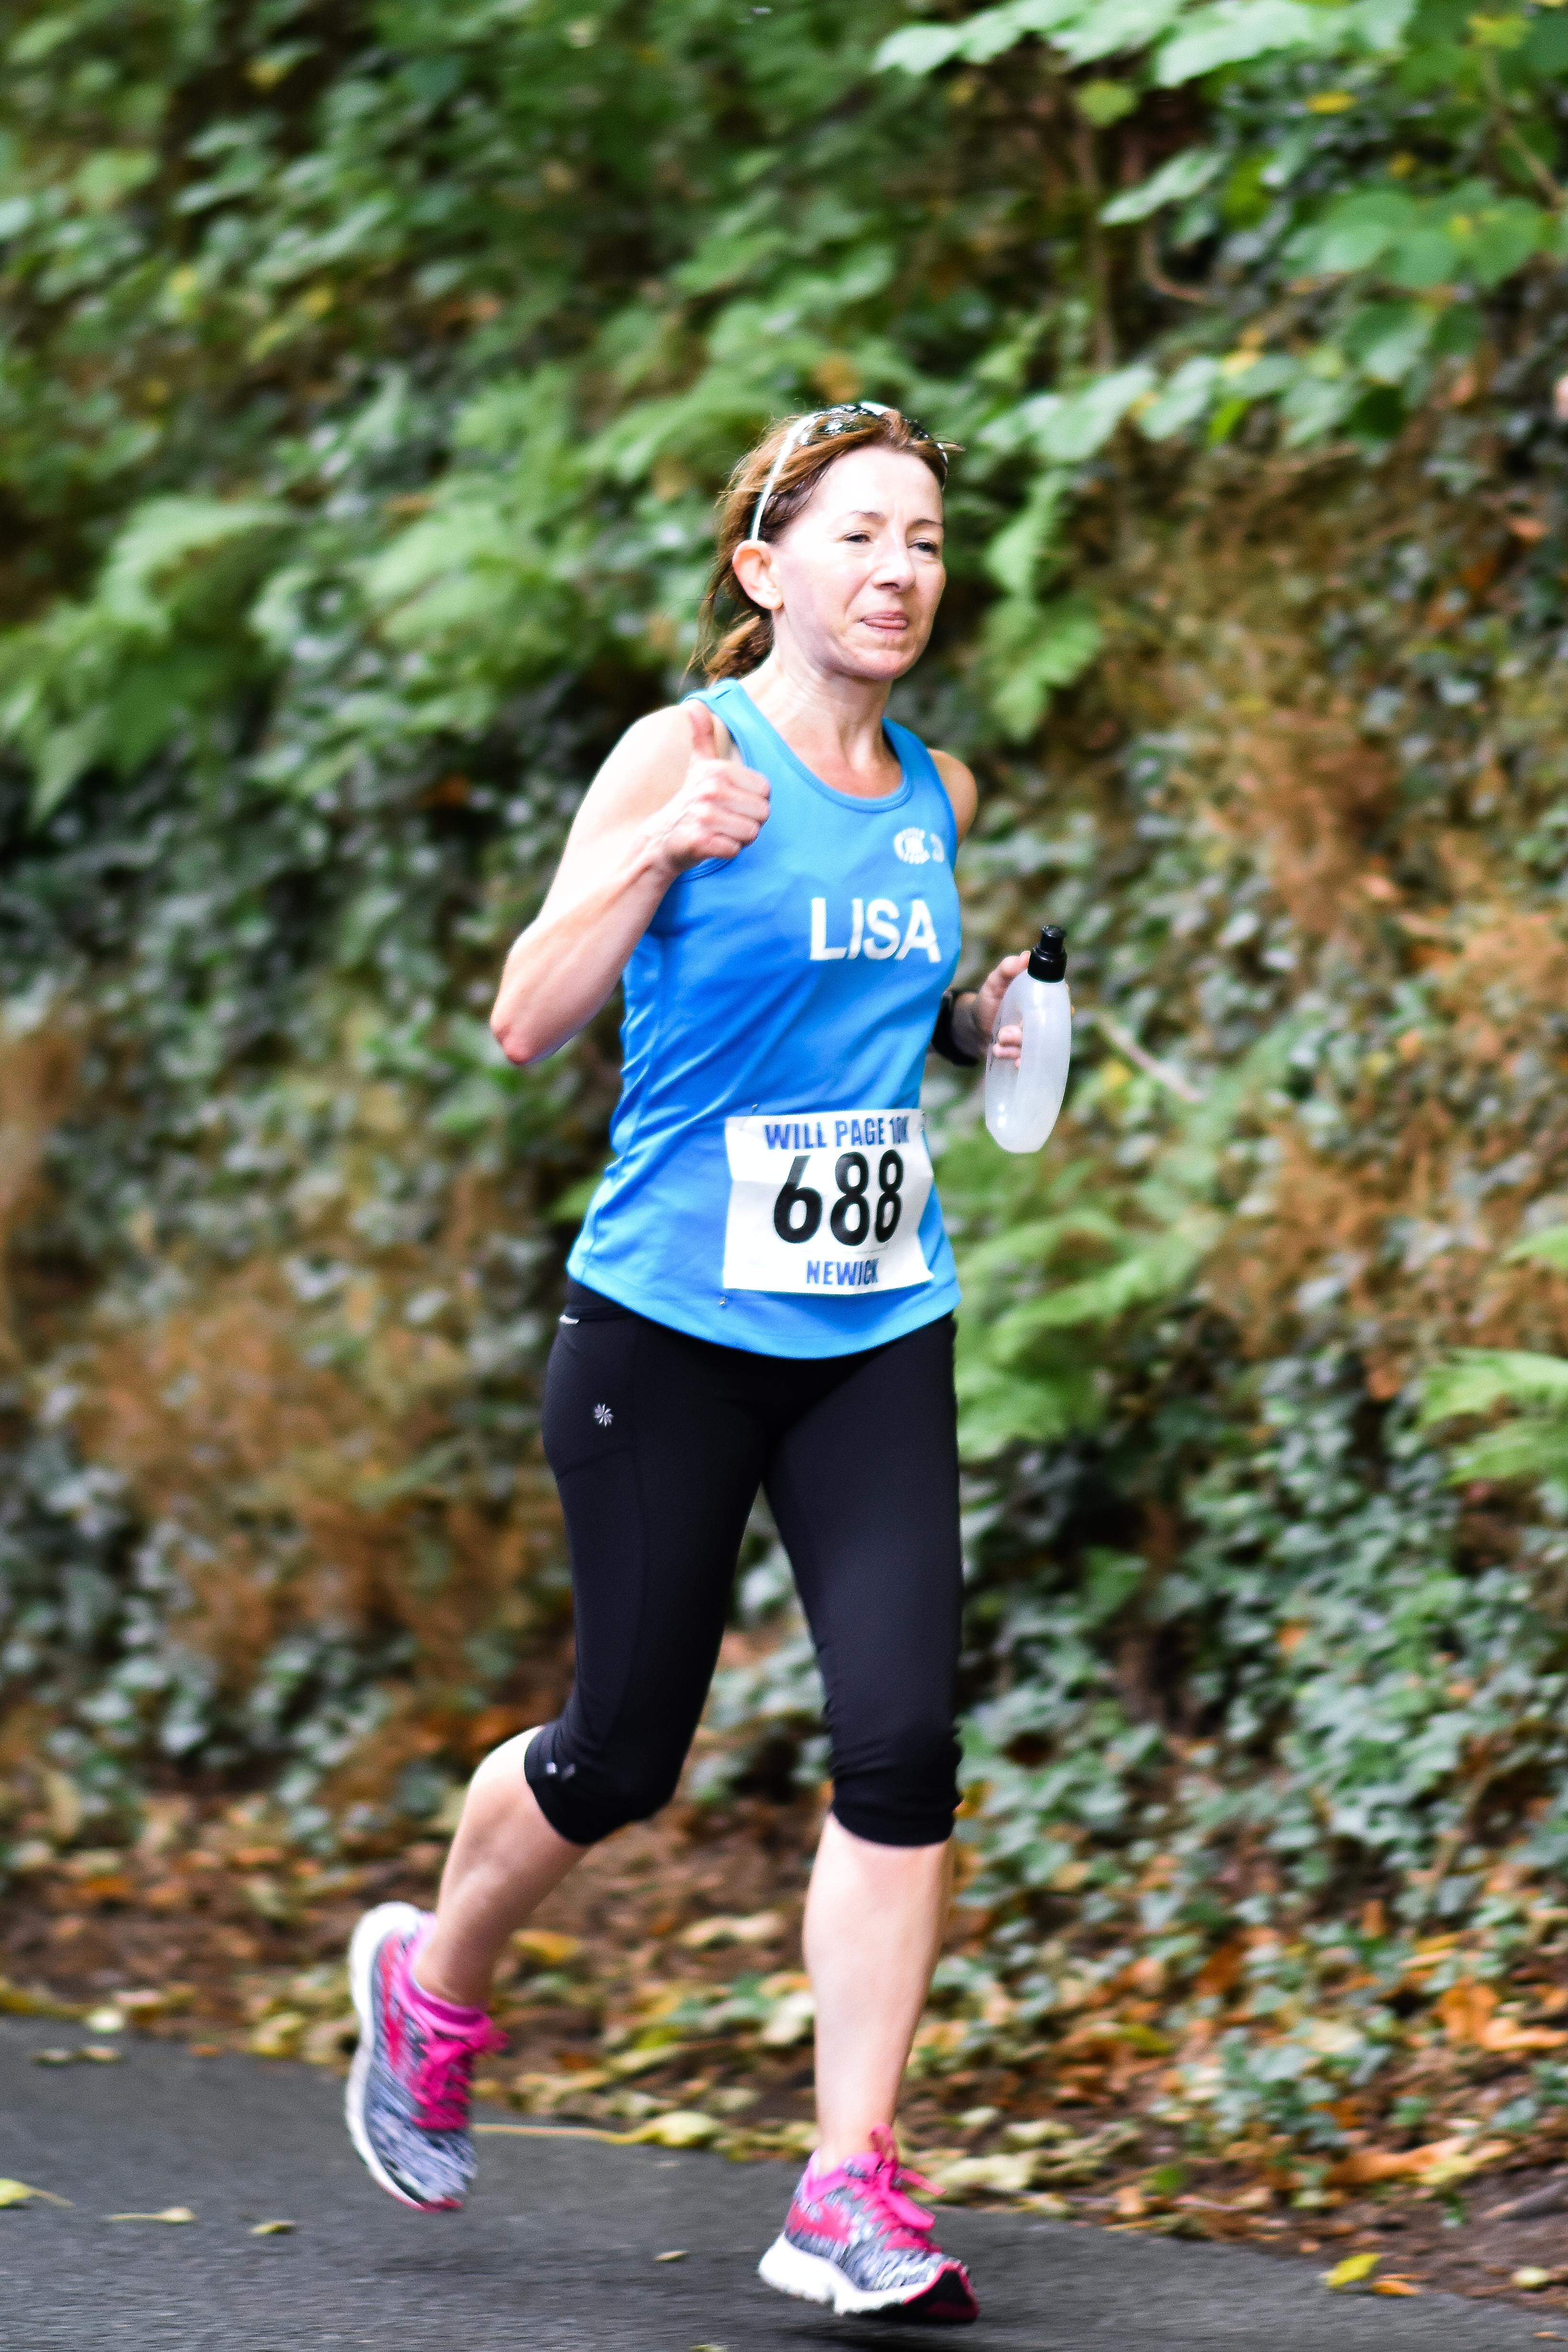 Runner - 688